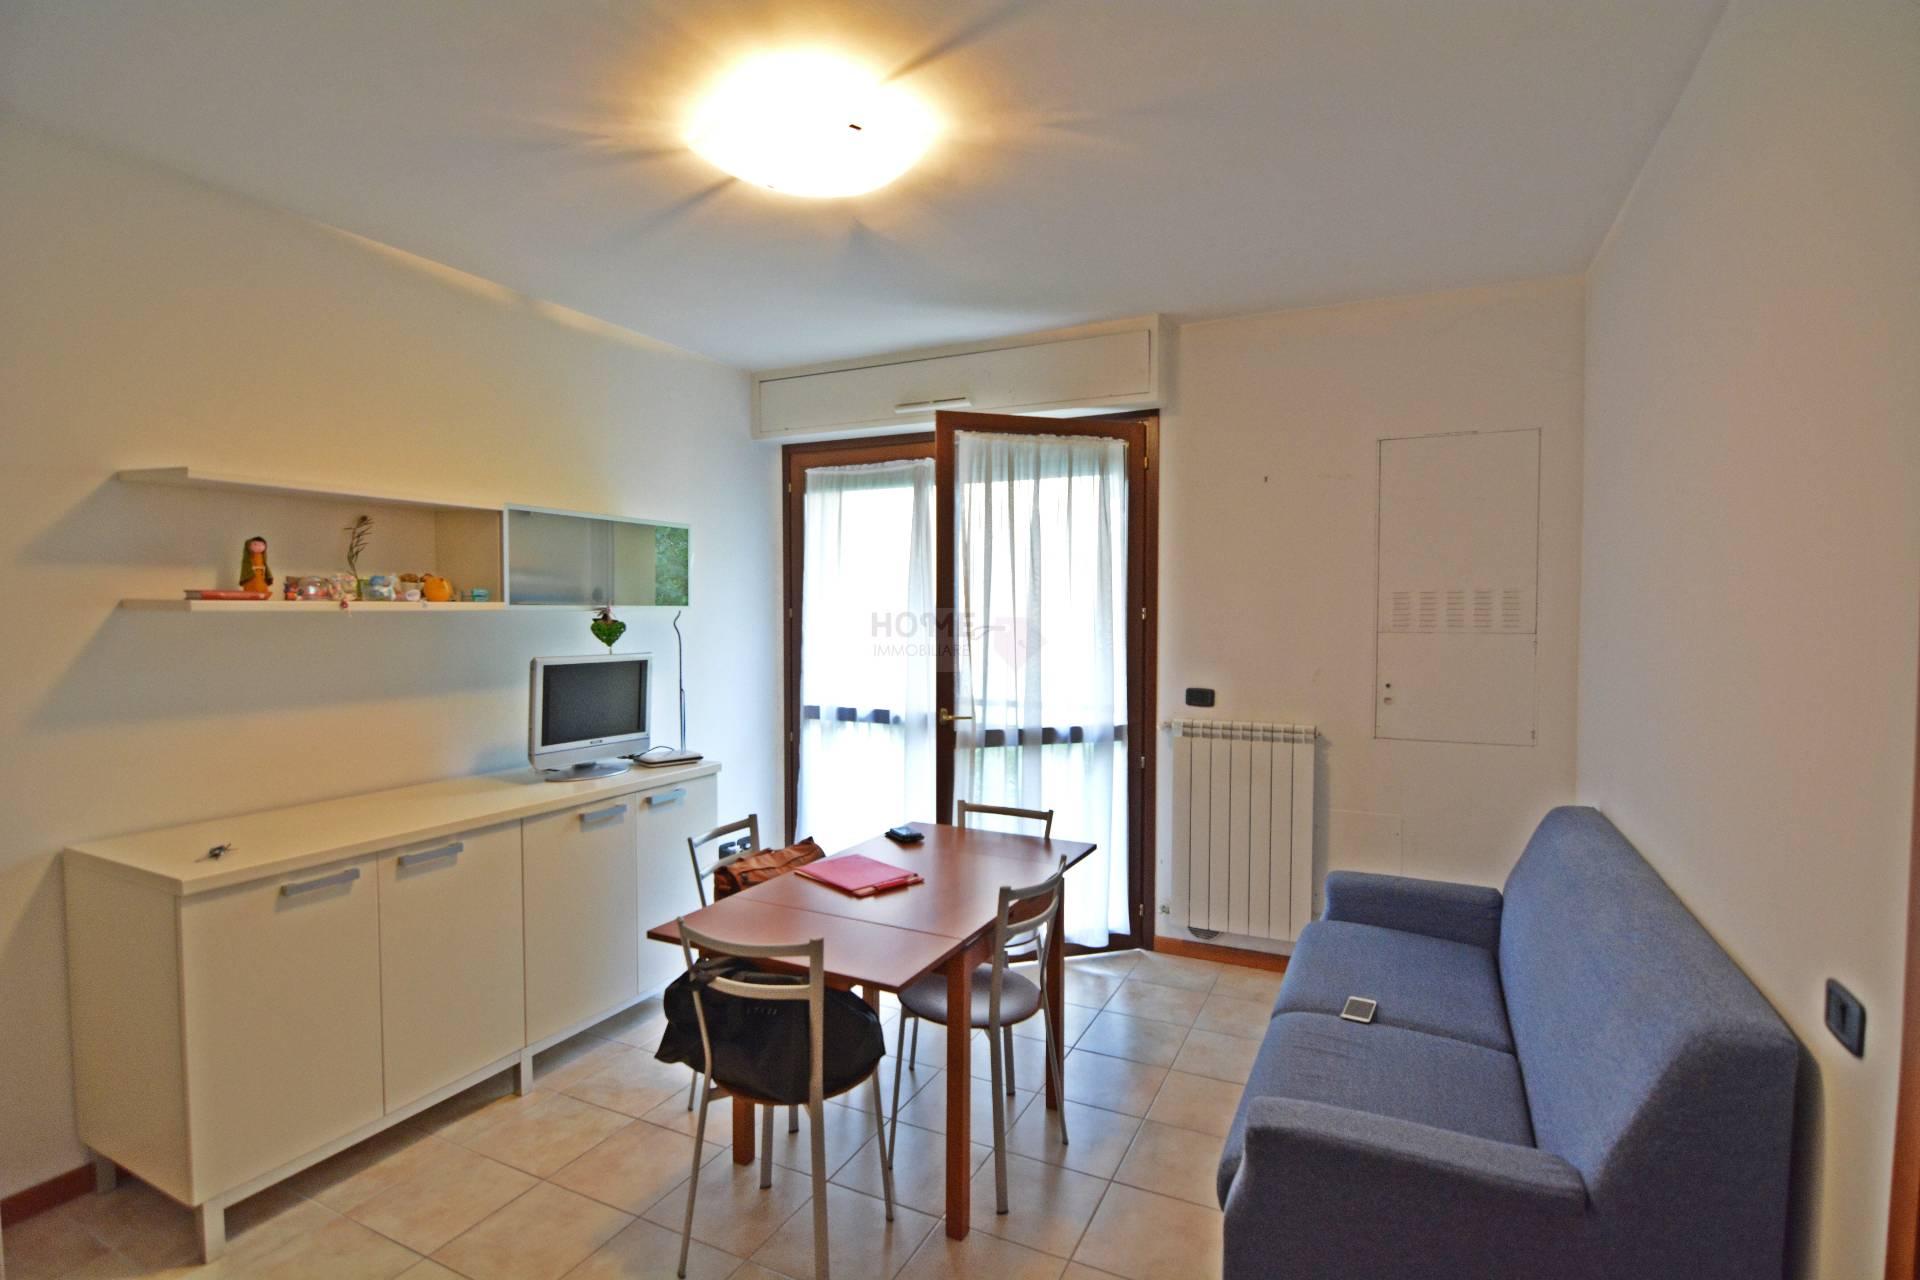 Appartamento in affitto a Macerata, 3 locali, zona Zona: Semicentrale, prezzo € 500 | Cambio Casa.it